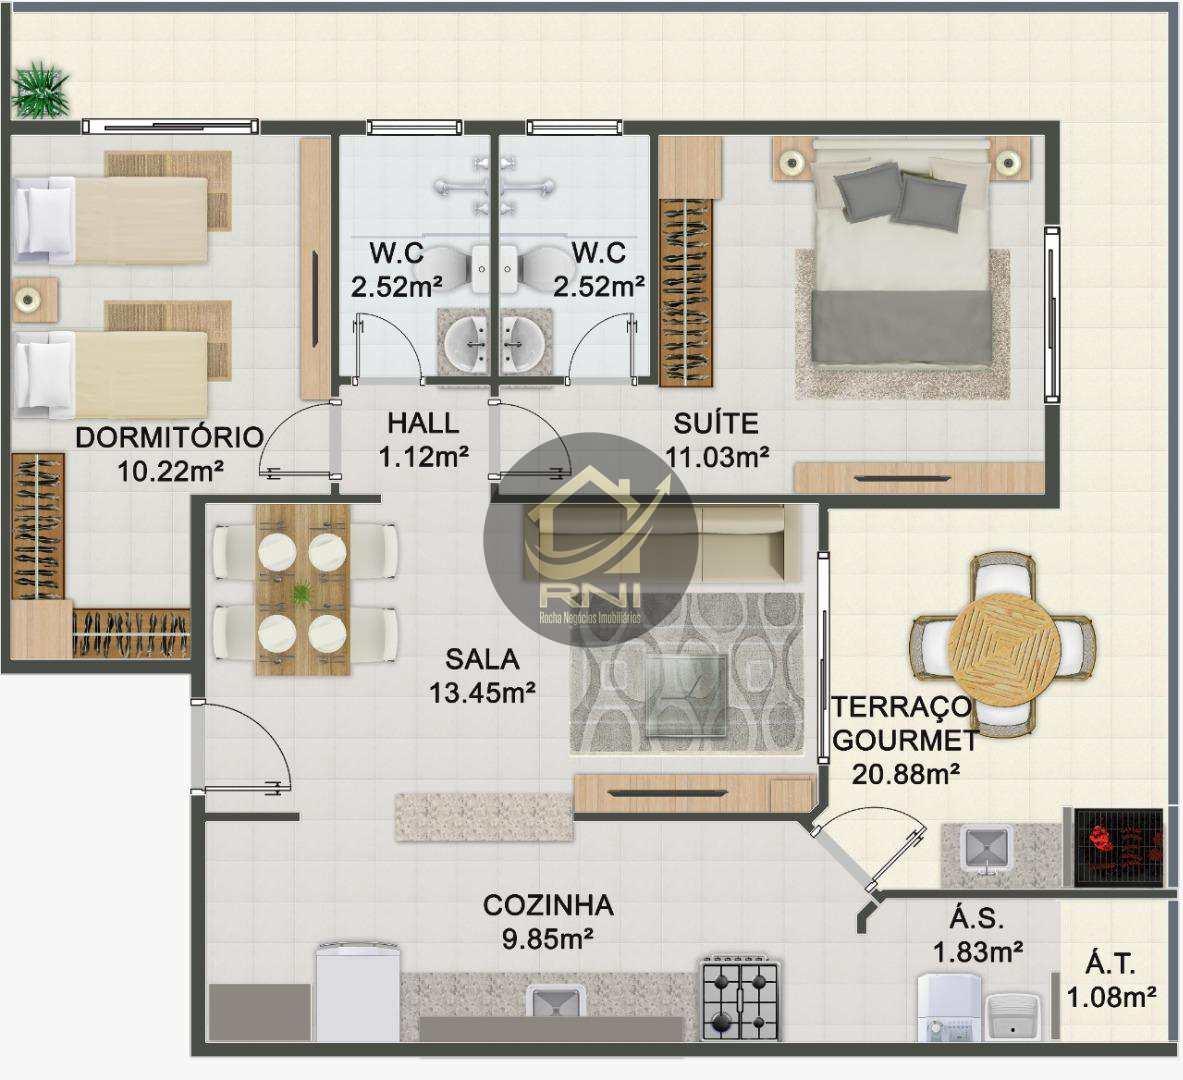 Apartamento com 2 dormitórios à venda, 82 m² por R$ 373.100,00 - Caiçara - Praia Grande/SP